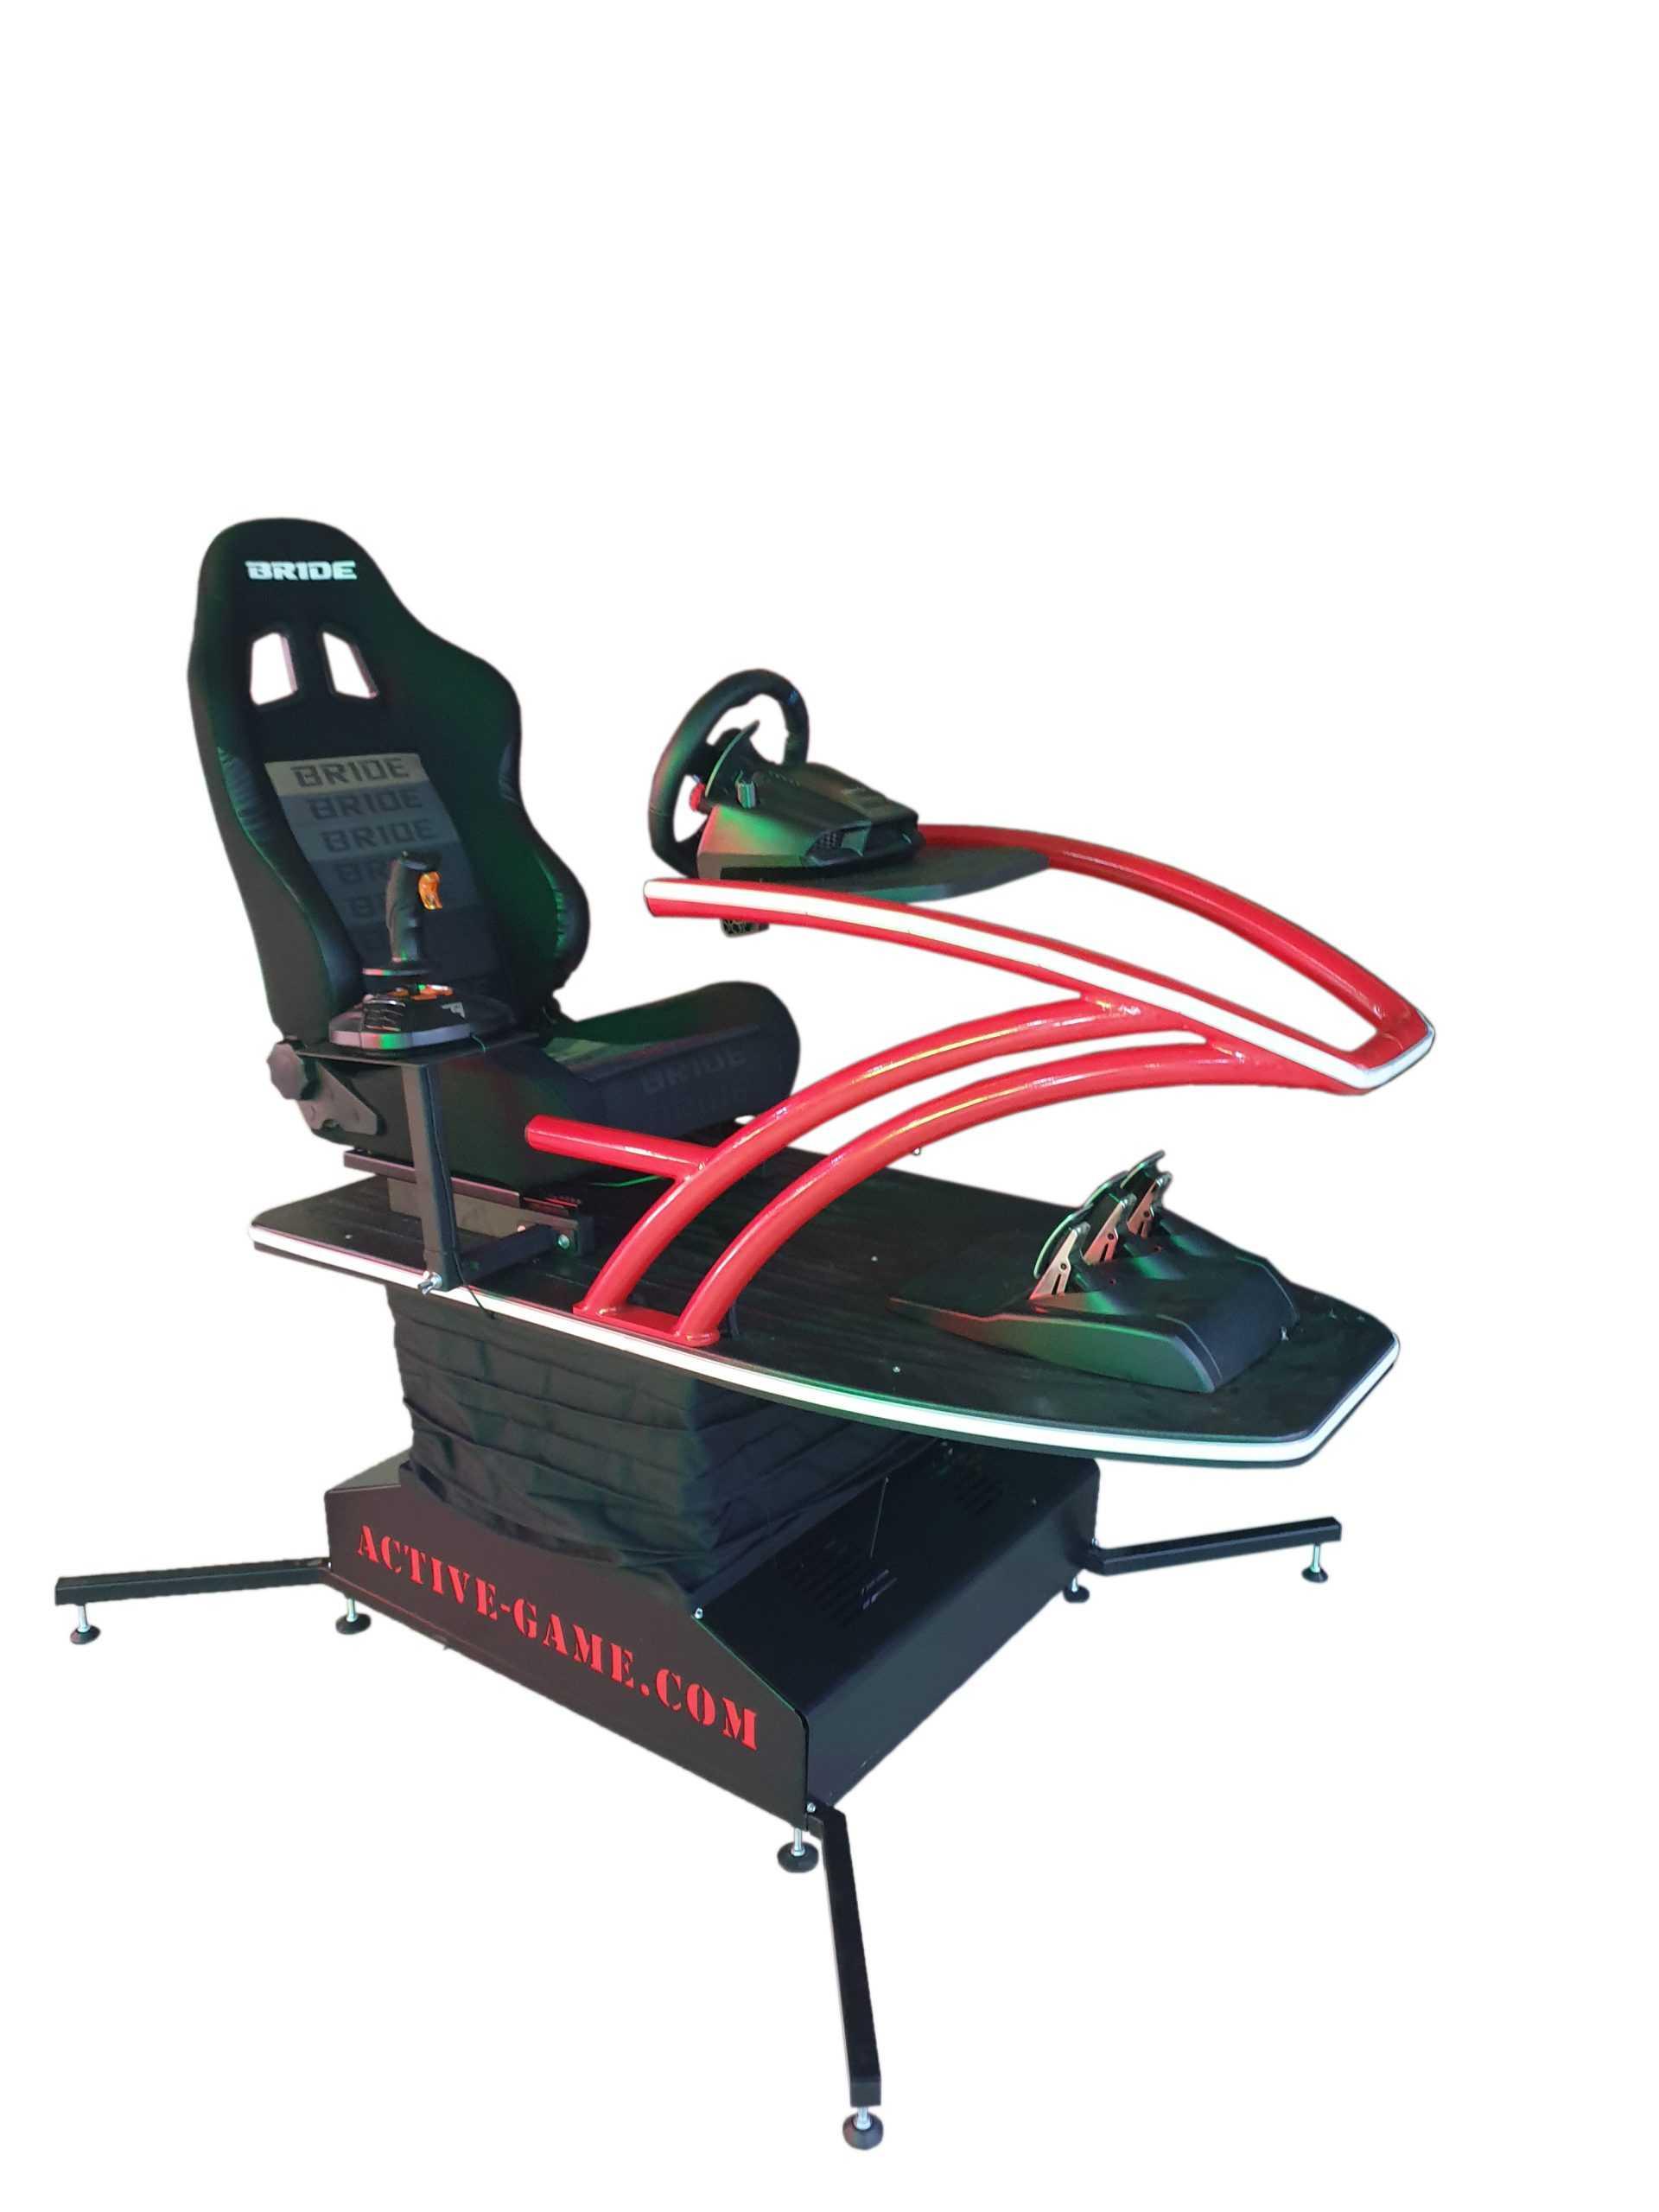 Supersim_red_2 Full motion flight simulator 2dof, 3dof,4dof,6dof motion platform